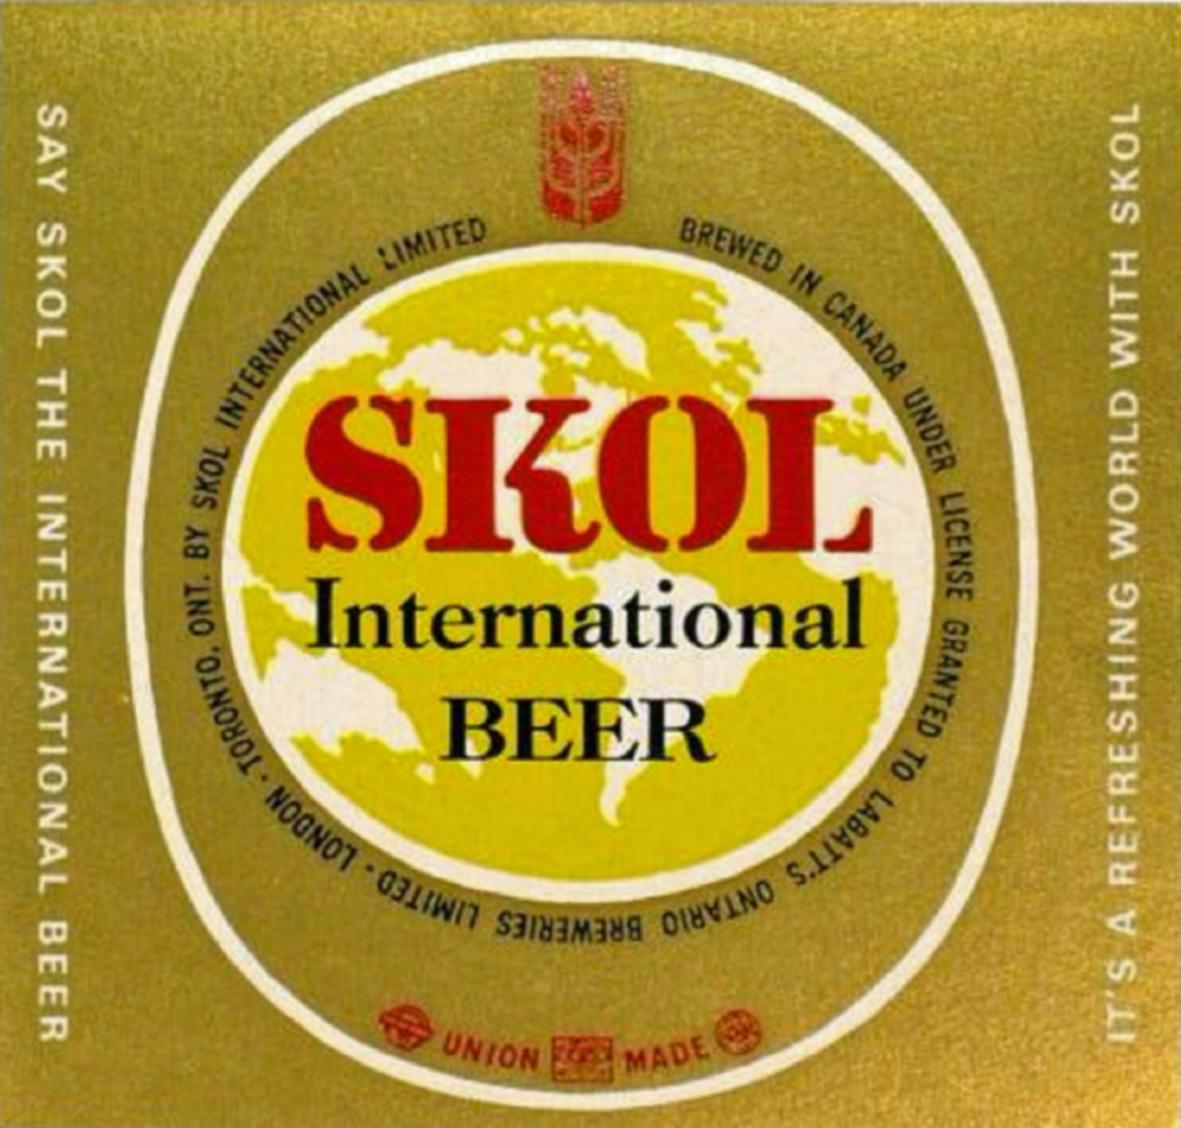 Suficiente Skol – Uma cerveja com história e tradição! - Beercast Brasil AE58